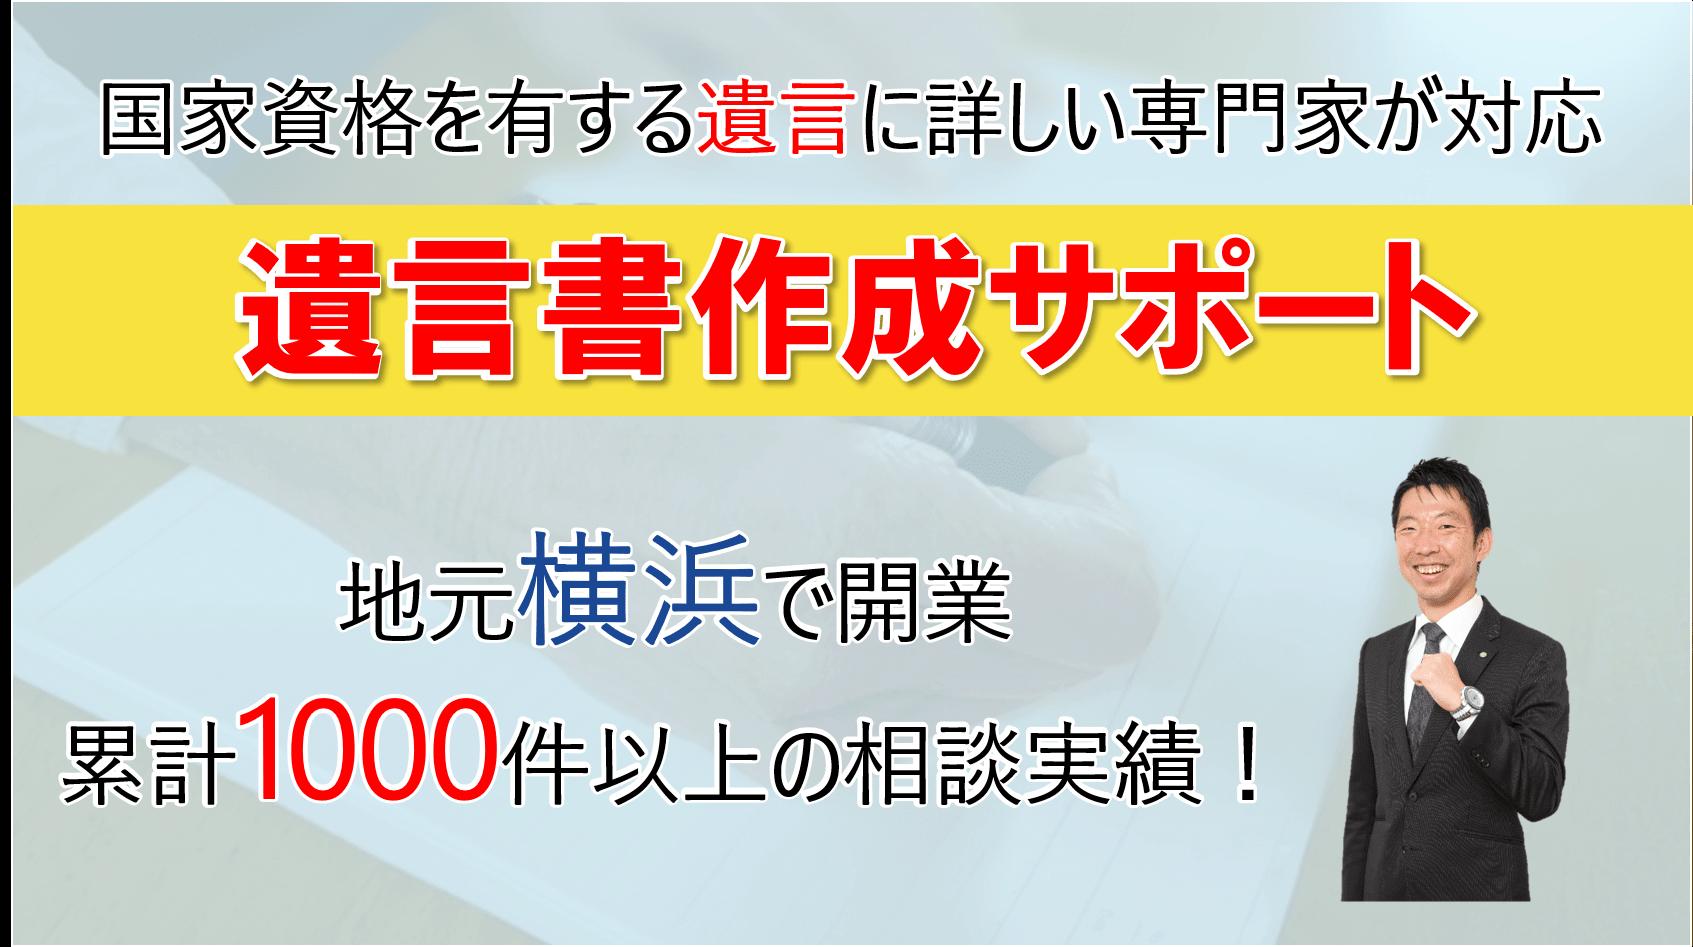 横浜で遺言の無料相談